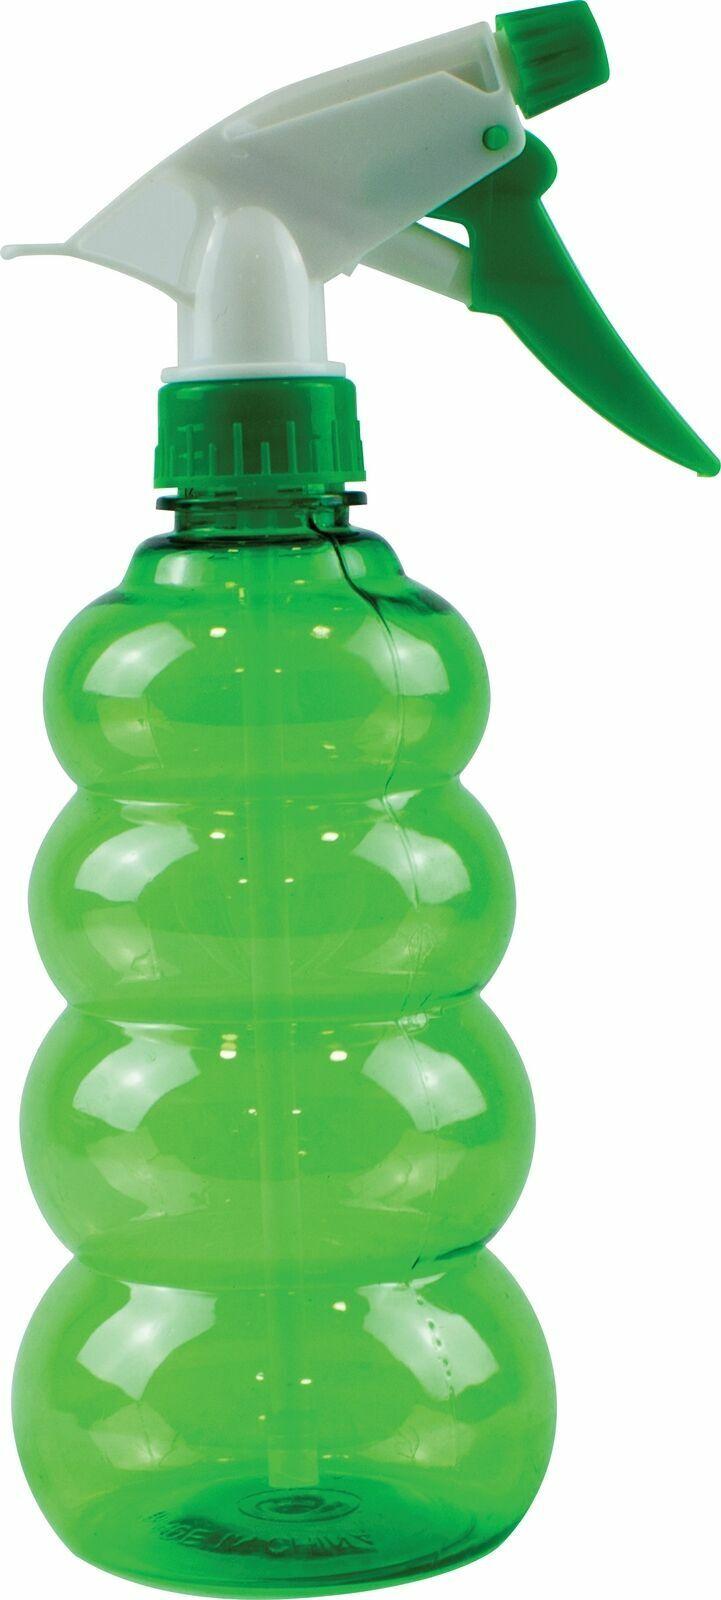 Spray Bottle 550ml Hair Cleaning Water Garden Salon Mist Jet Trigger Sprayer